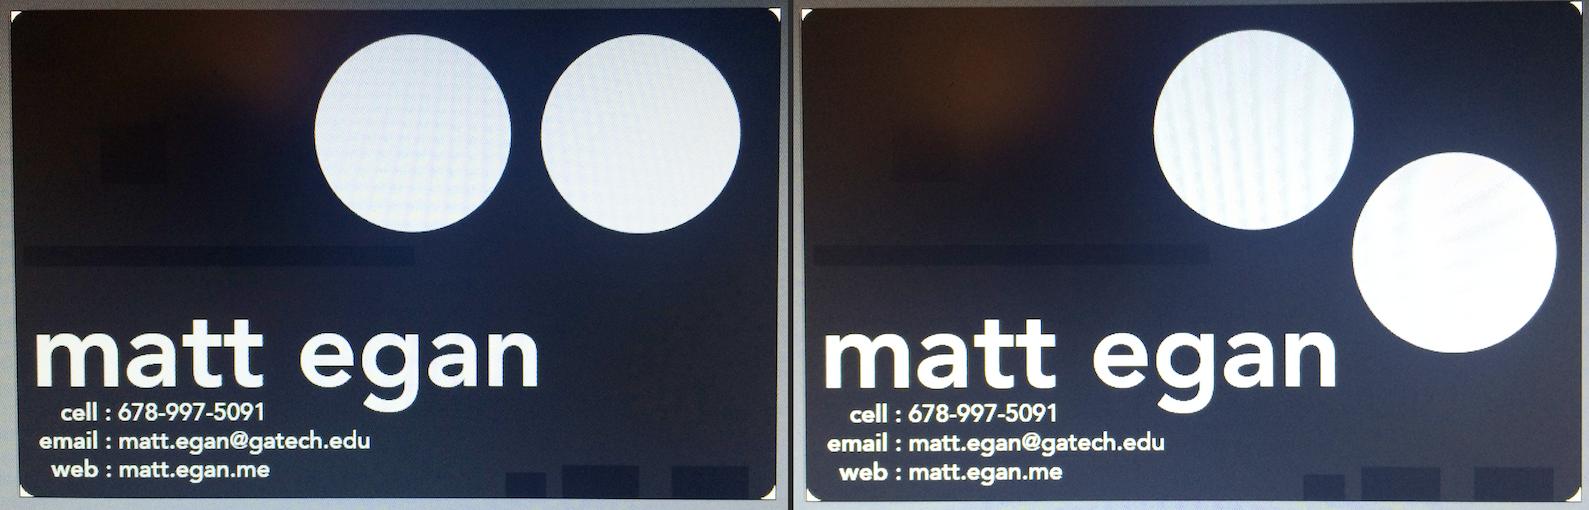 matt egan » electronic business card | pt. 3